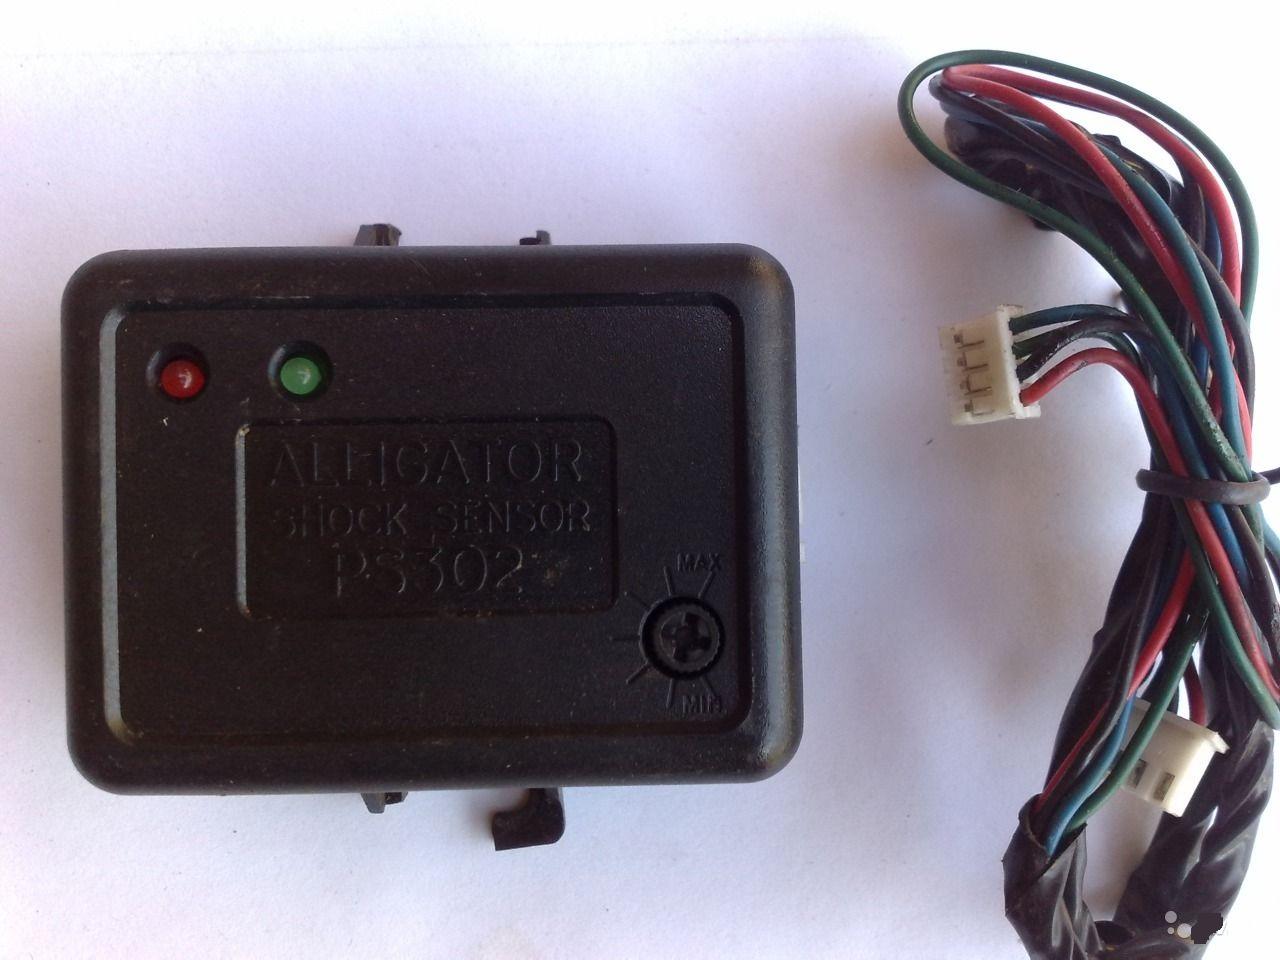 Инструкция охранная сигнализация аллигатор двухсторонней связи скачать